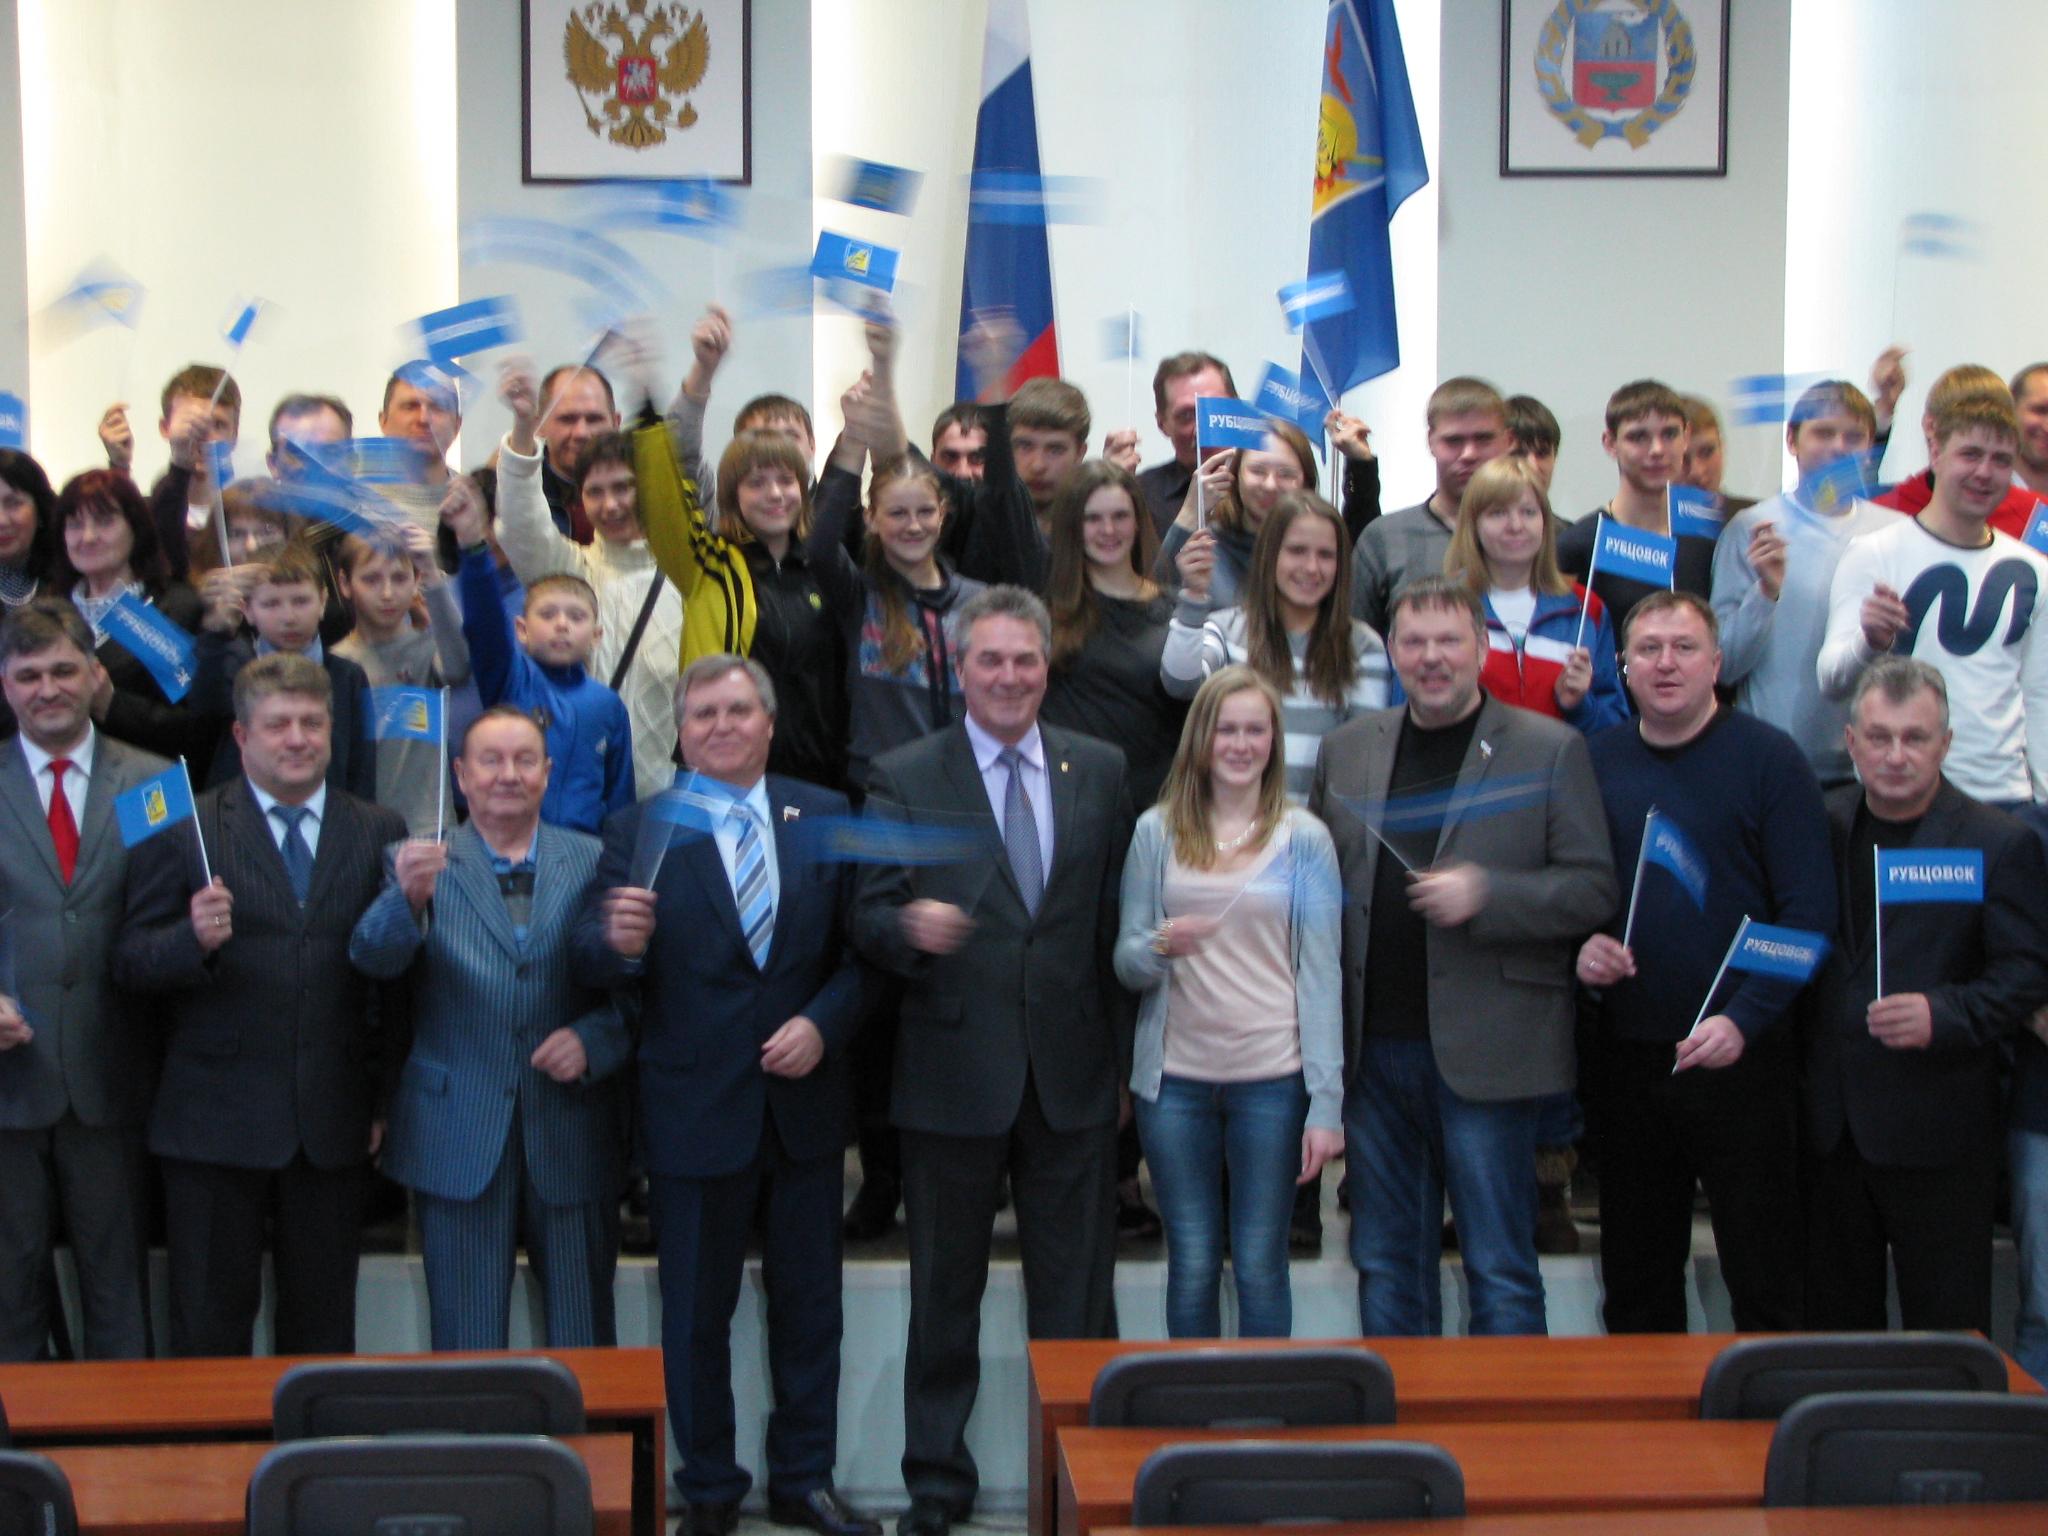 Сборная Рубцовска отправится на зимнюю Олимпиаду городов Алтая